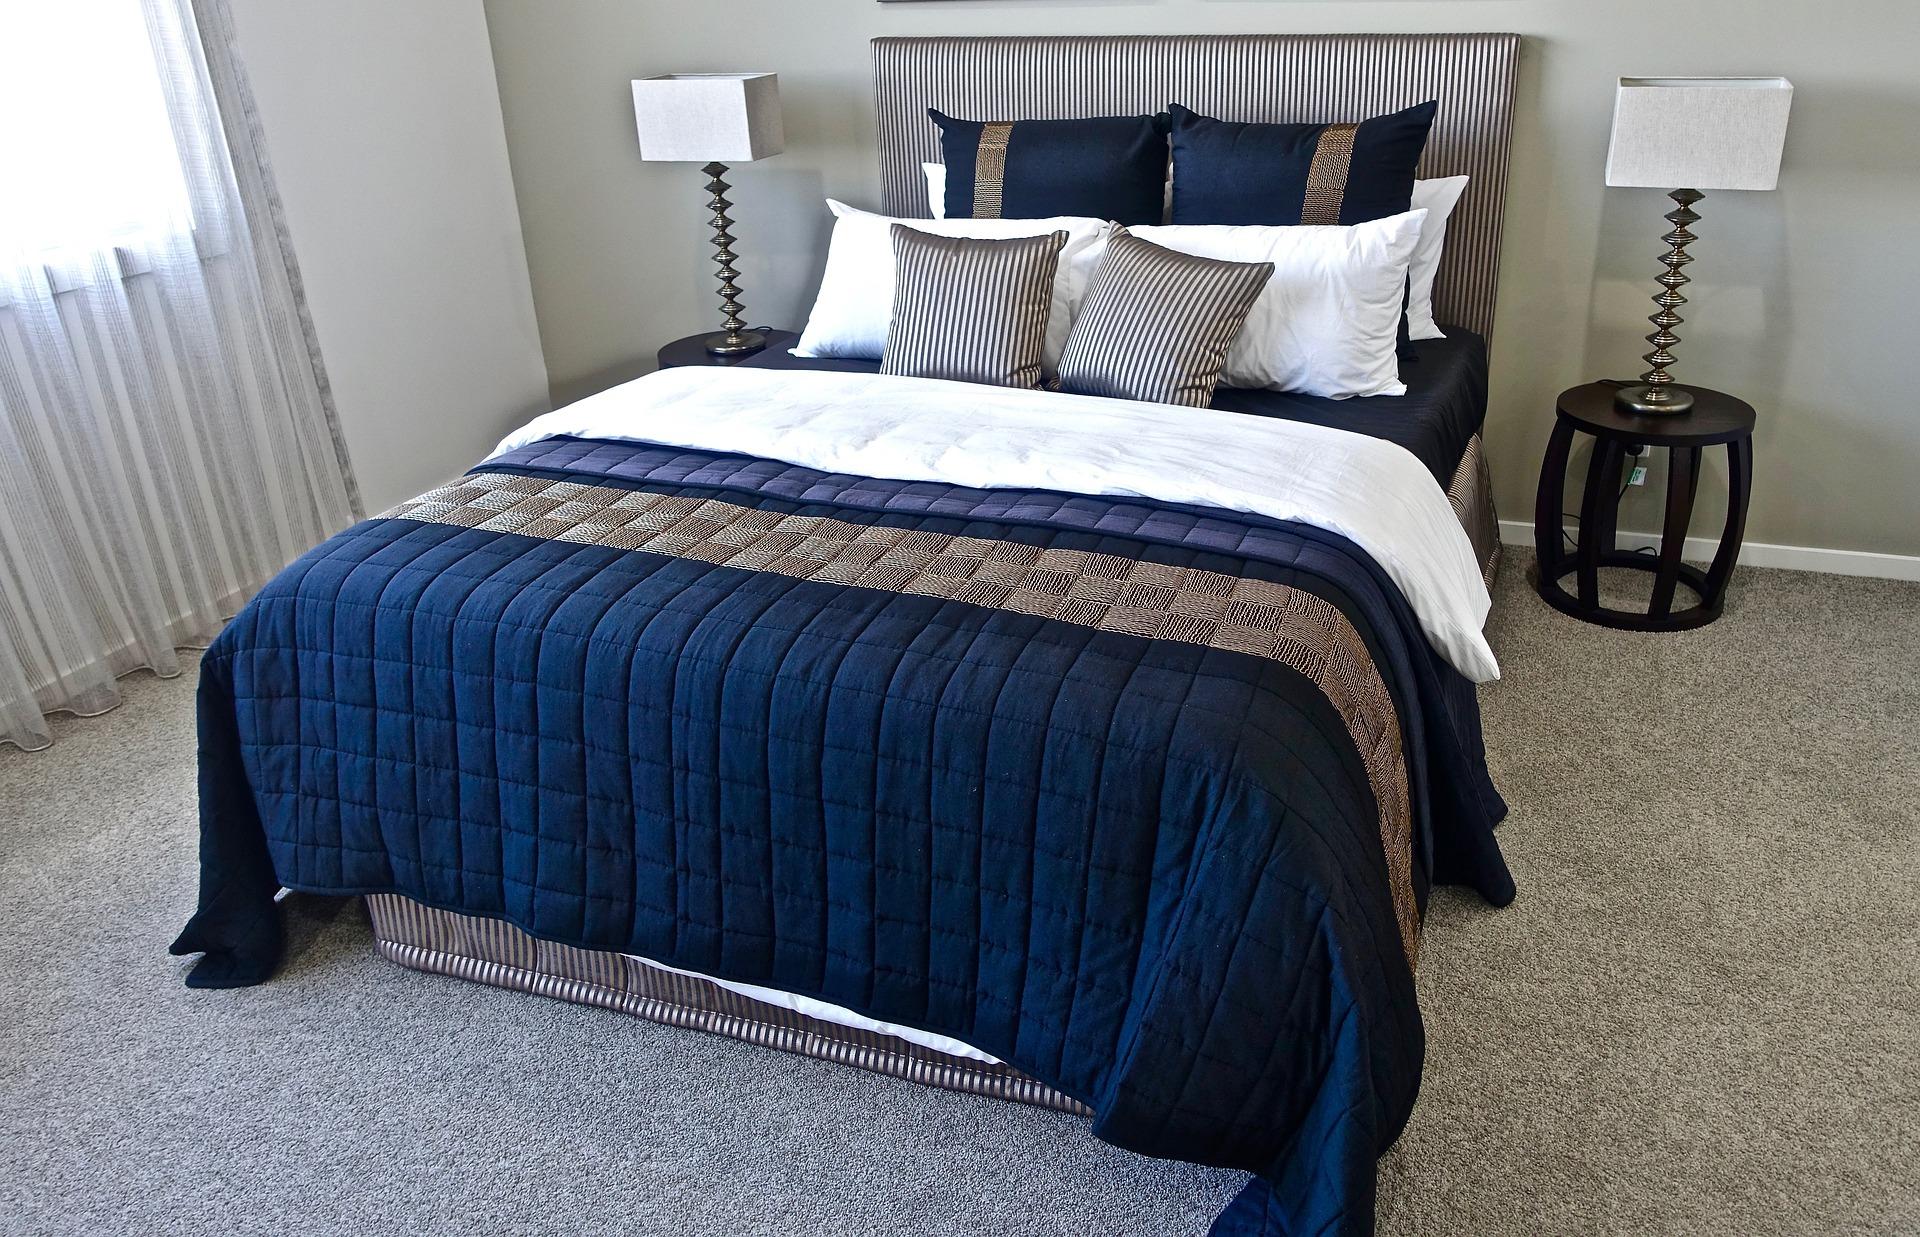 睡眠に良い寝具はどっち?布団とベッドのメリット・デメリットをご紹介